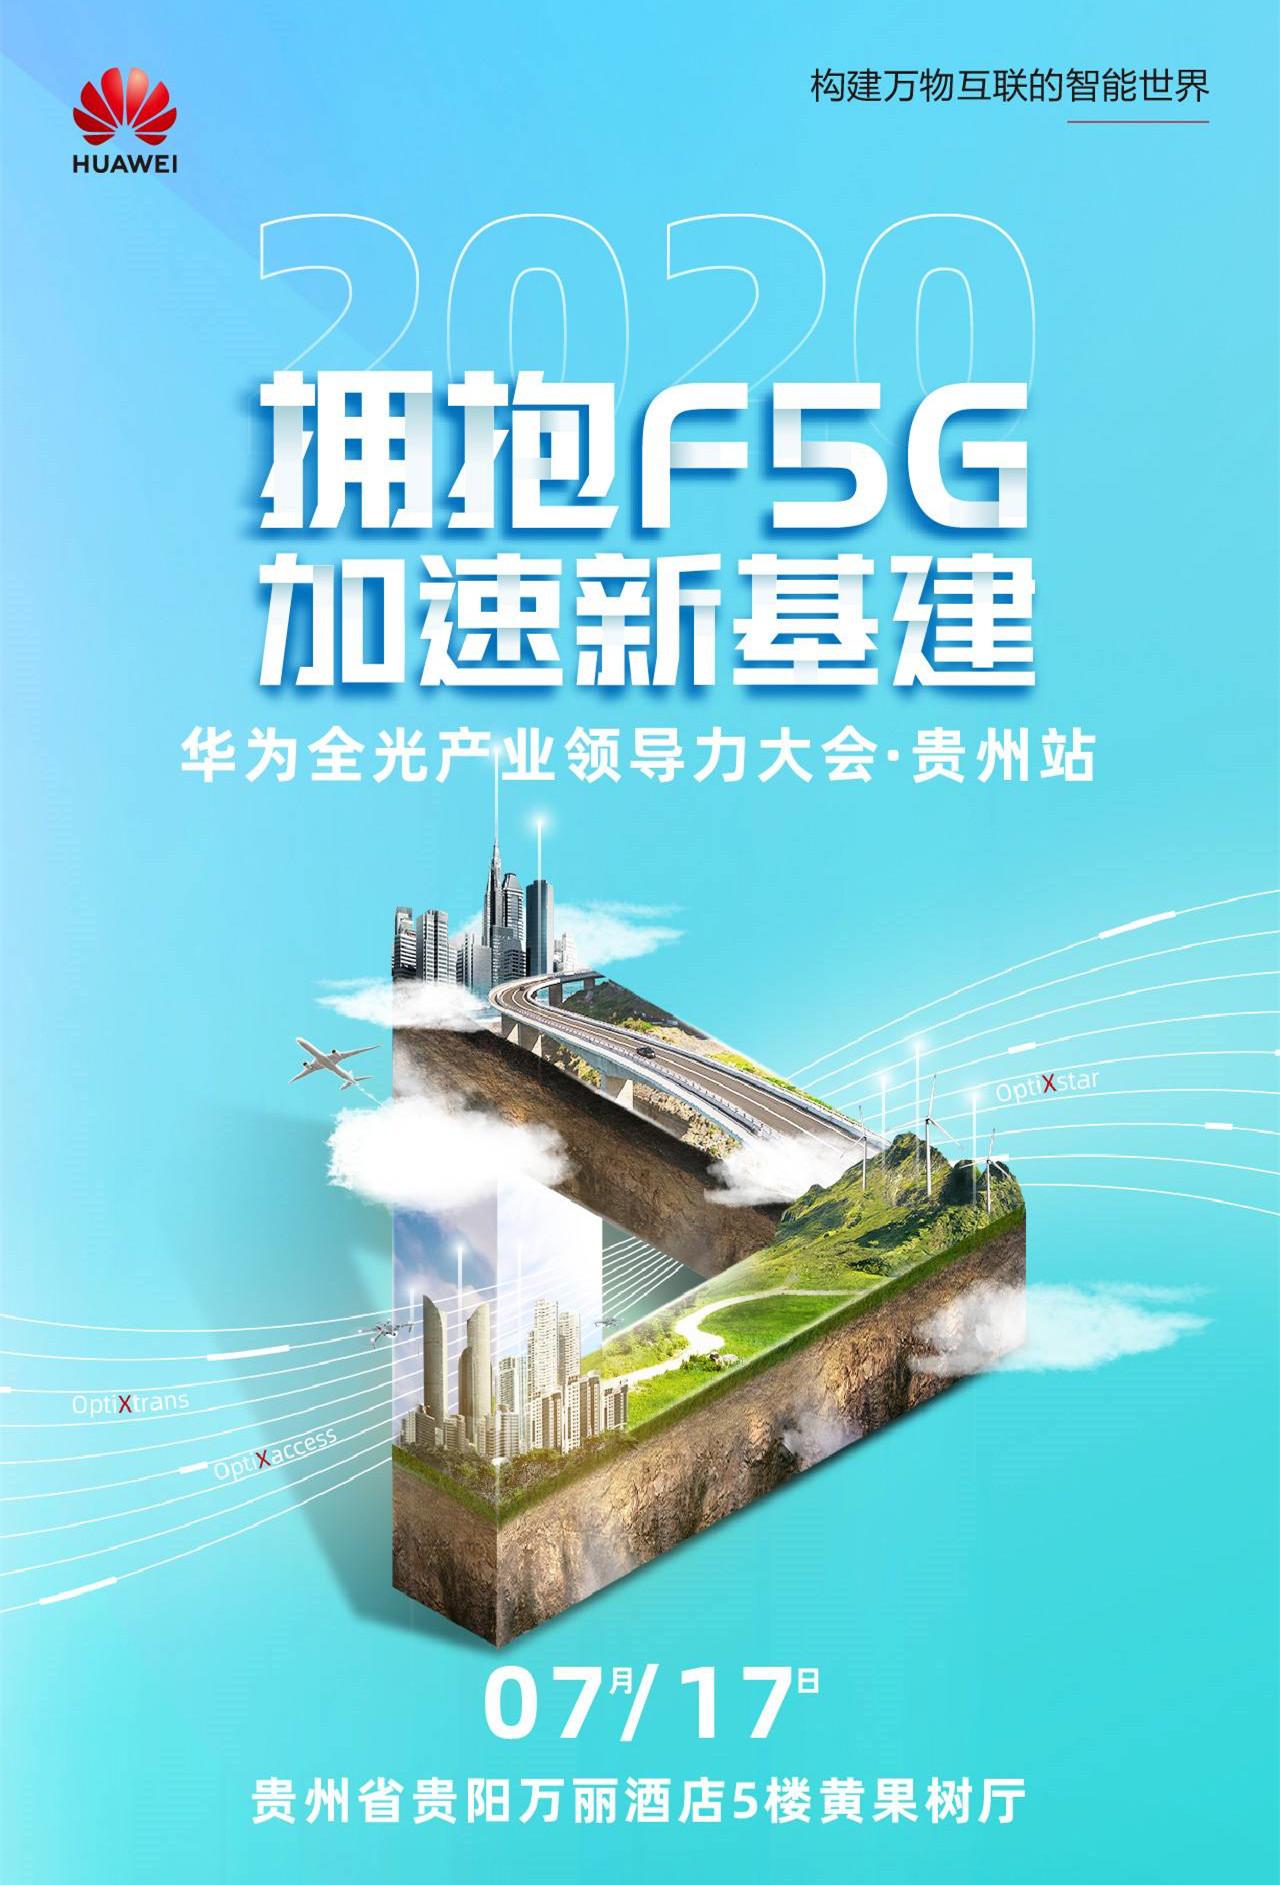 【预告】《拥抱F5G 加速新基建》峰会邀您一起见证璀璨时刻! 社会 第1张